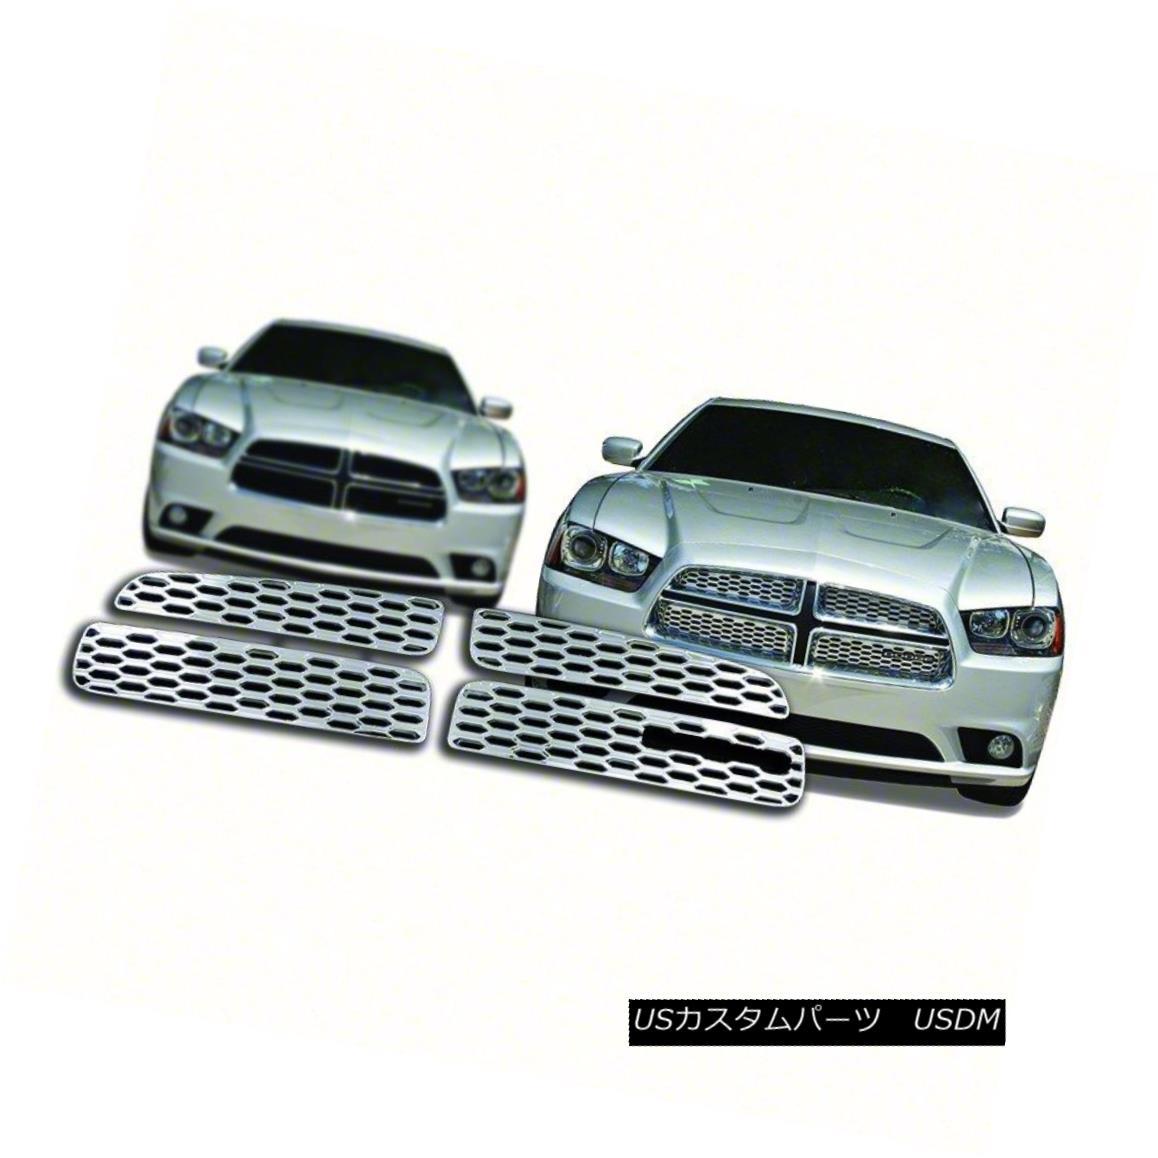 グリル Fits 12-14 Dodge Charger (SE, SXT, R/T) 4 Piece Chrome Grille Overlay-IWCGI95 12-14ダッジチャージャー(SE、SXT、R / T)4ピースクロームグリルオーバーレイ-IWCGI9 5